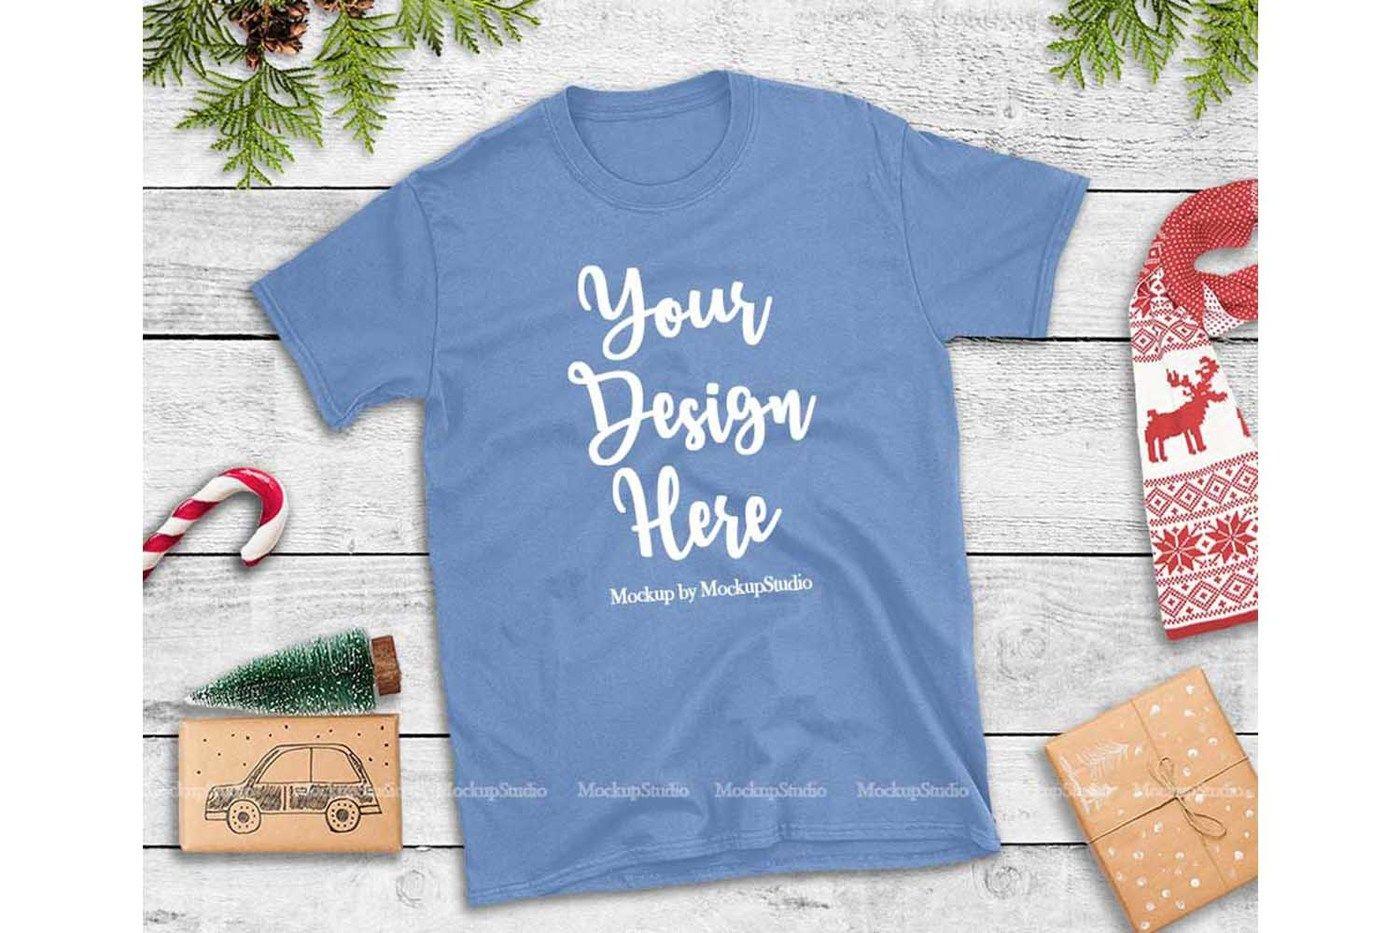 Carolina Blue Christmas Tshirt Mockup Holiday Tee Flat Lay By